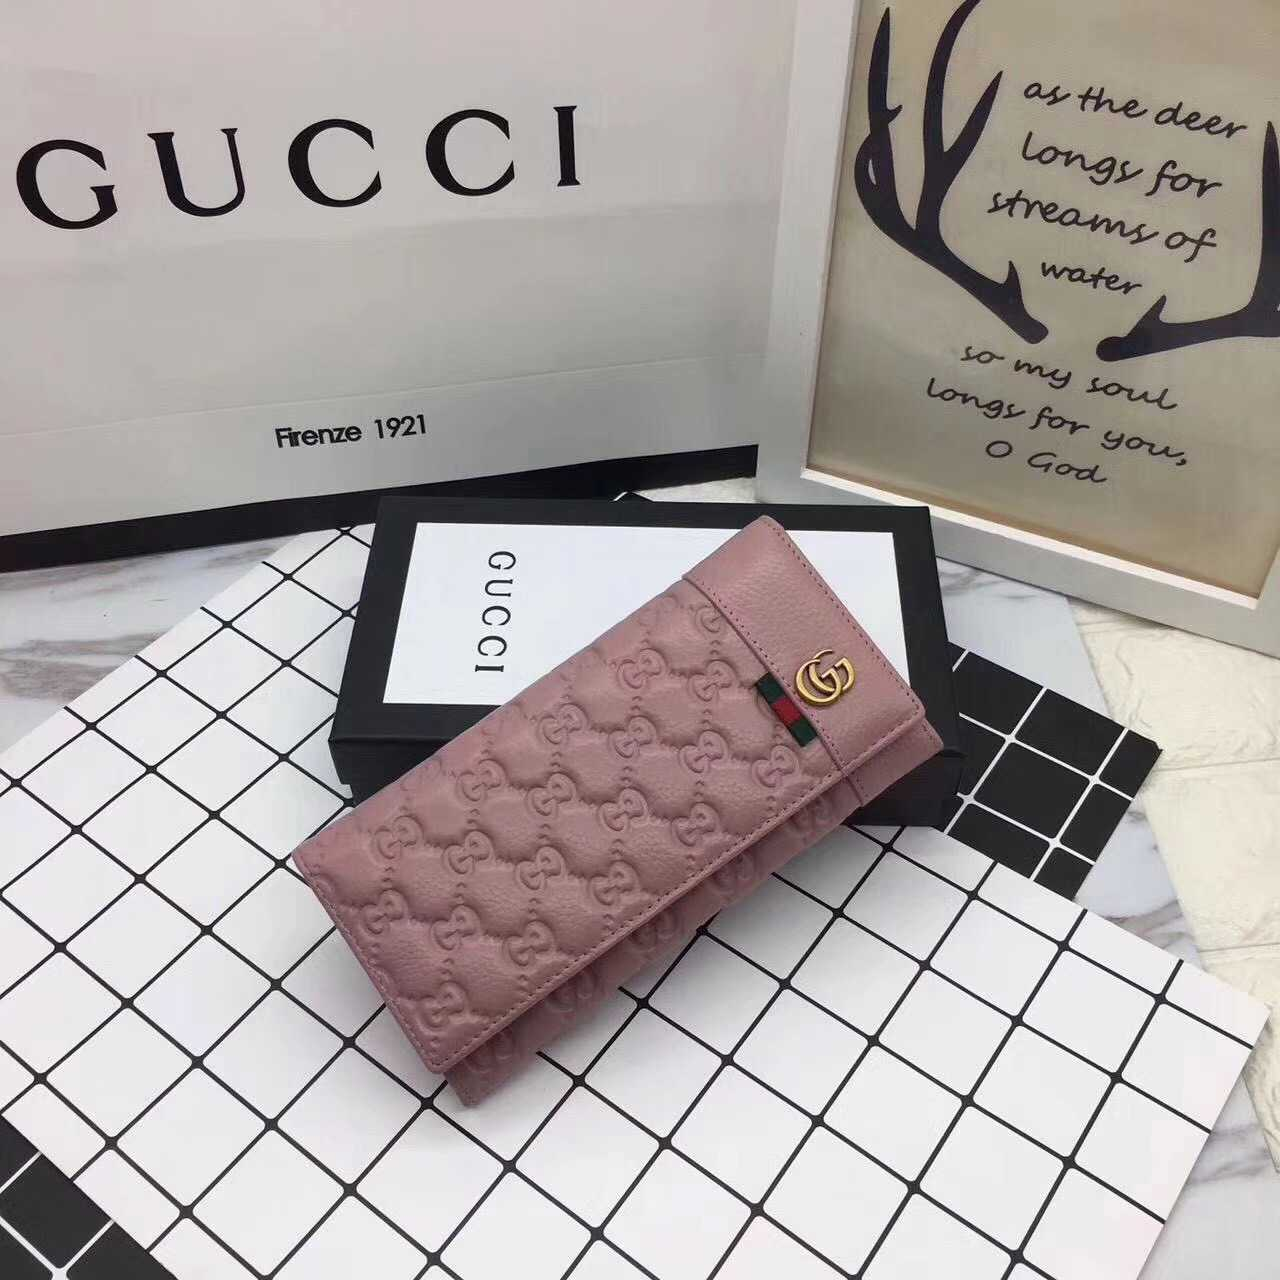 c1e4c1deb122 グッチ 長財布 レザー GGスプリーム コインウォレット 二つ折り財布 2つ折りピンク